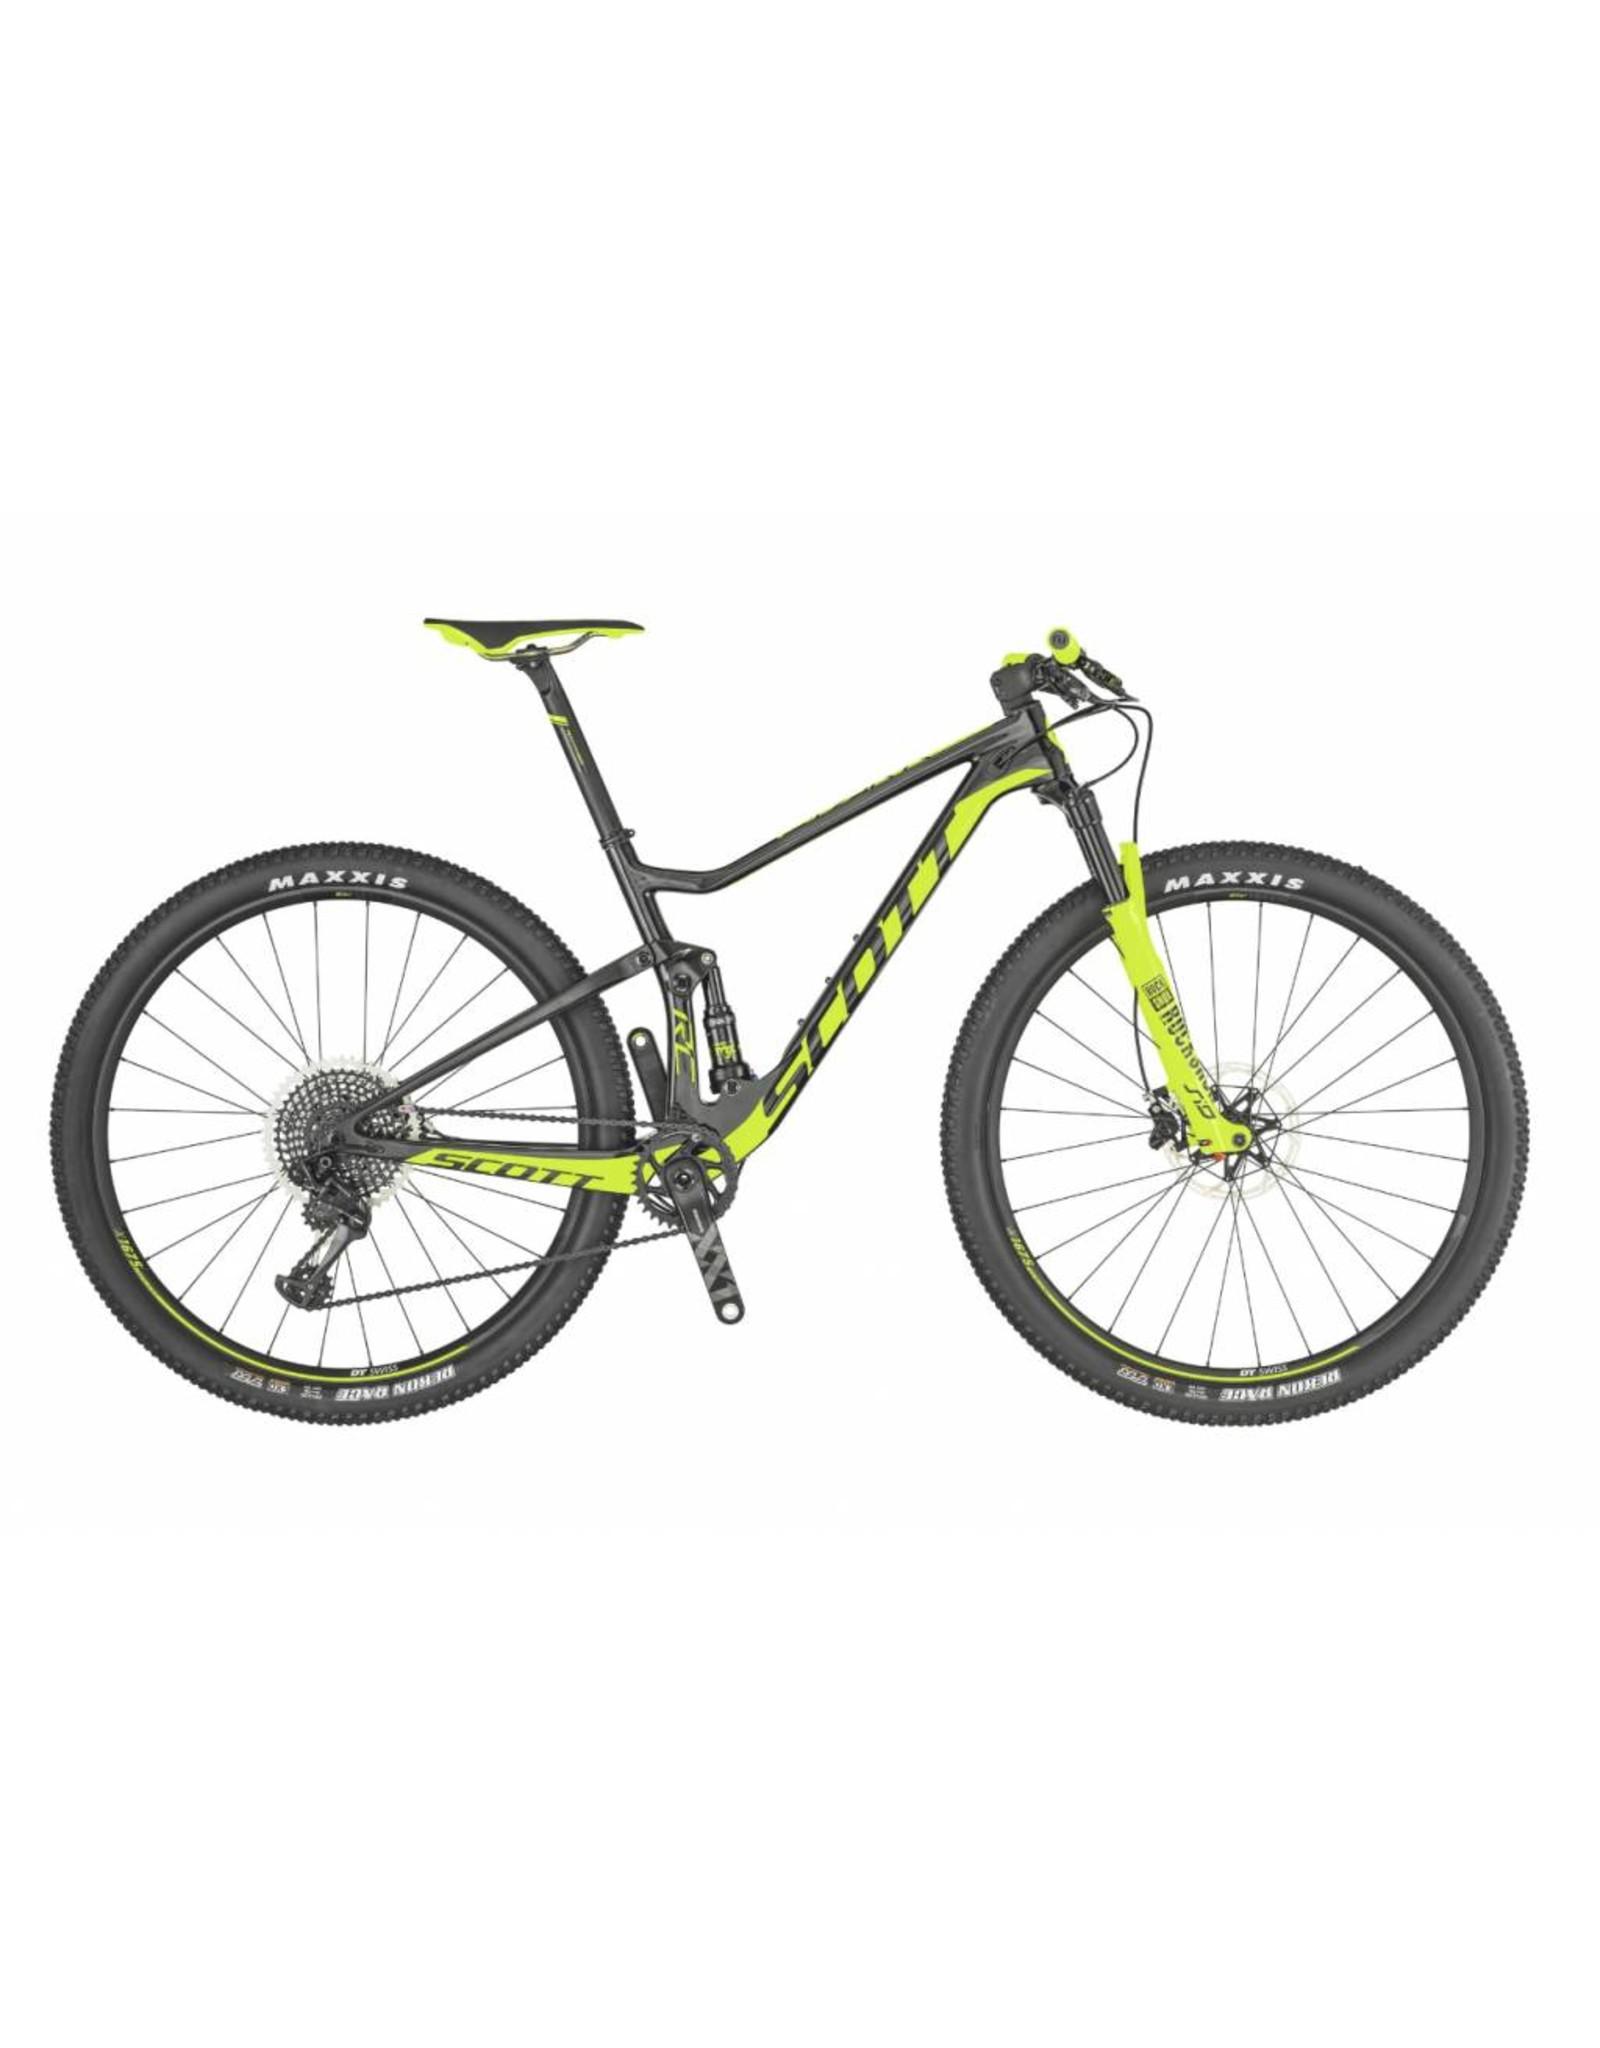 SCOTT Bikes SCOTT Bikes Spark RC 900 WC 2019